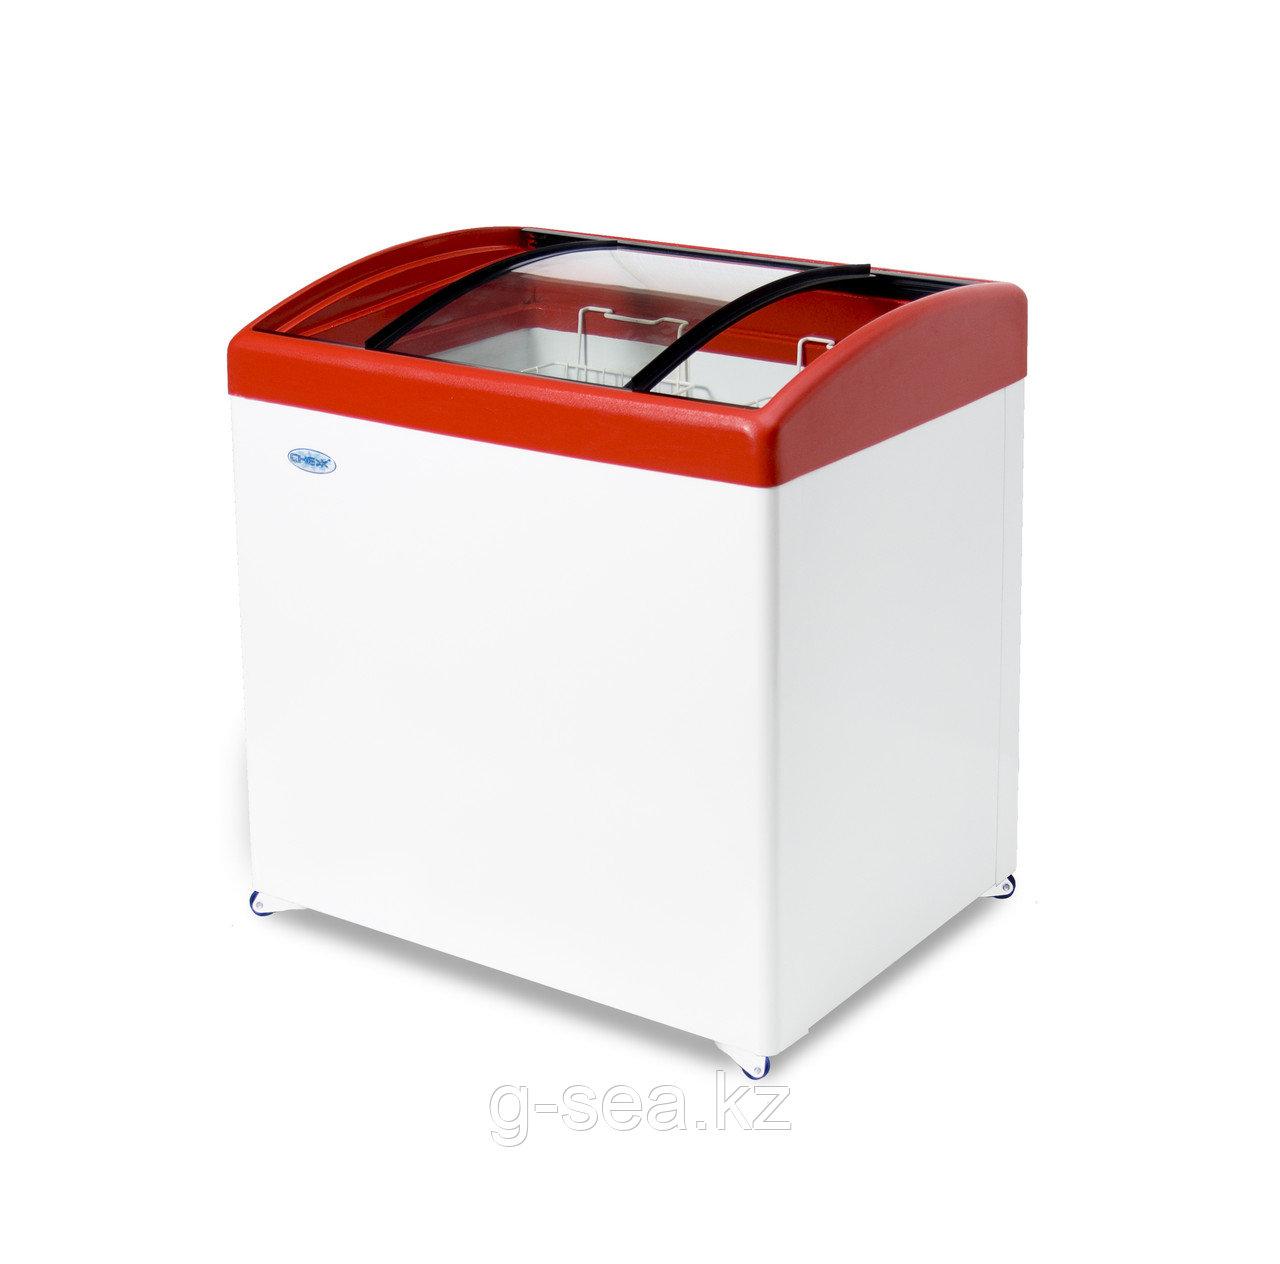 Морозильный ларь Снеж МЛГ-250, красный